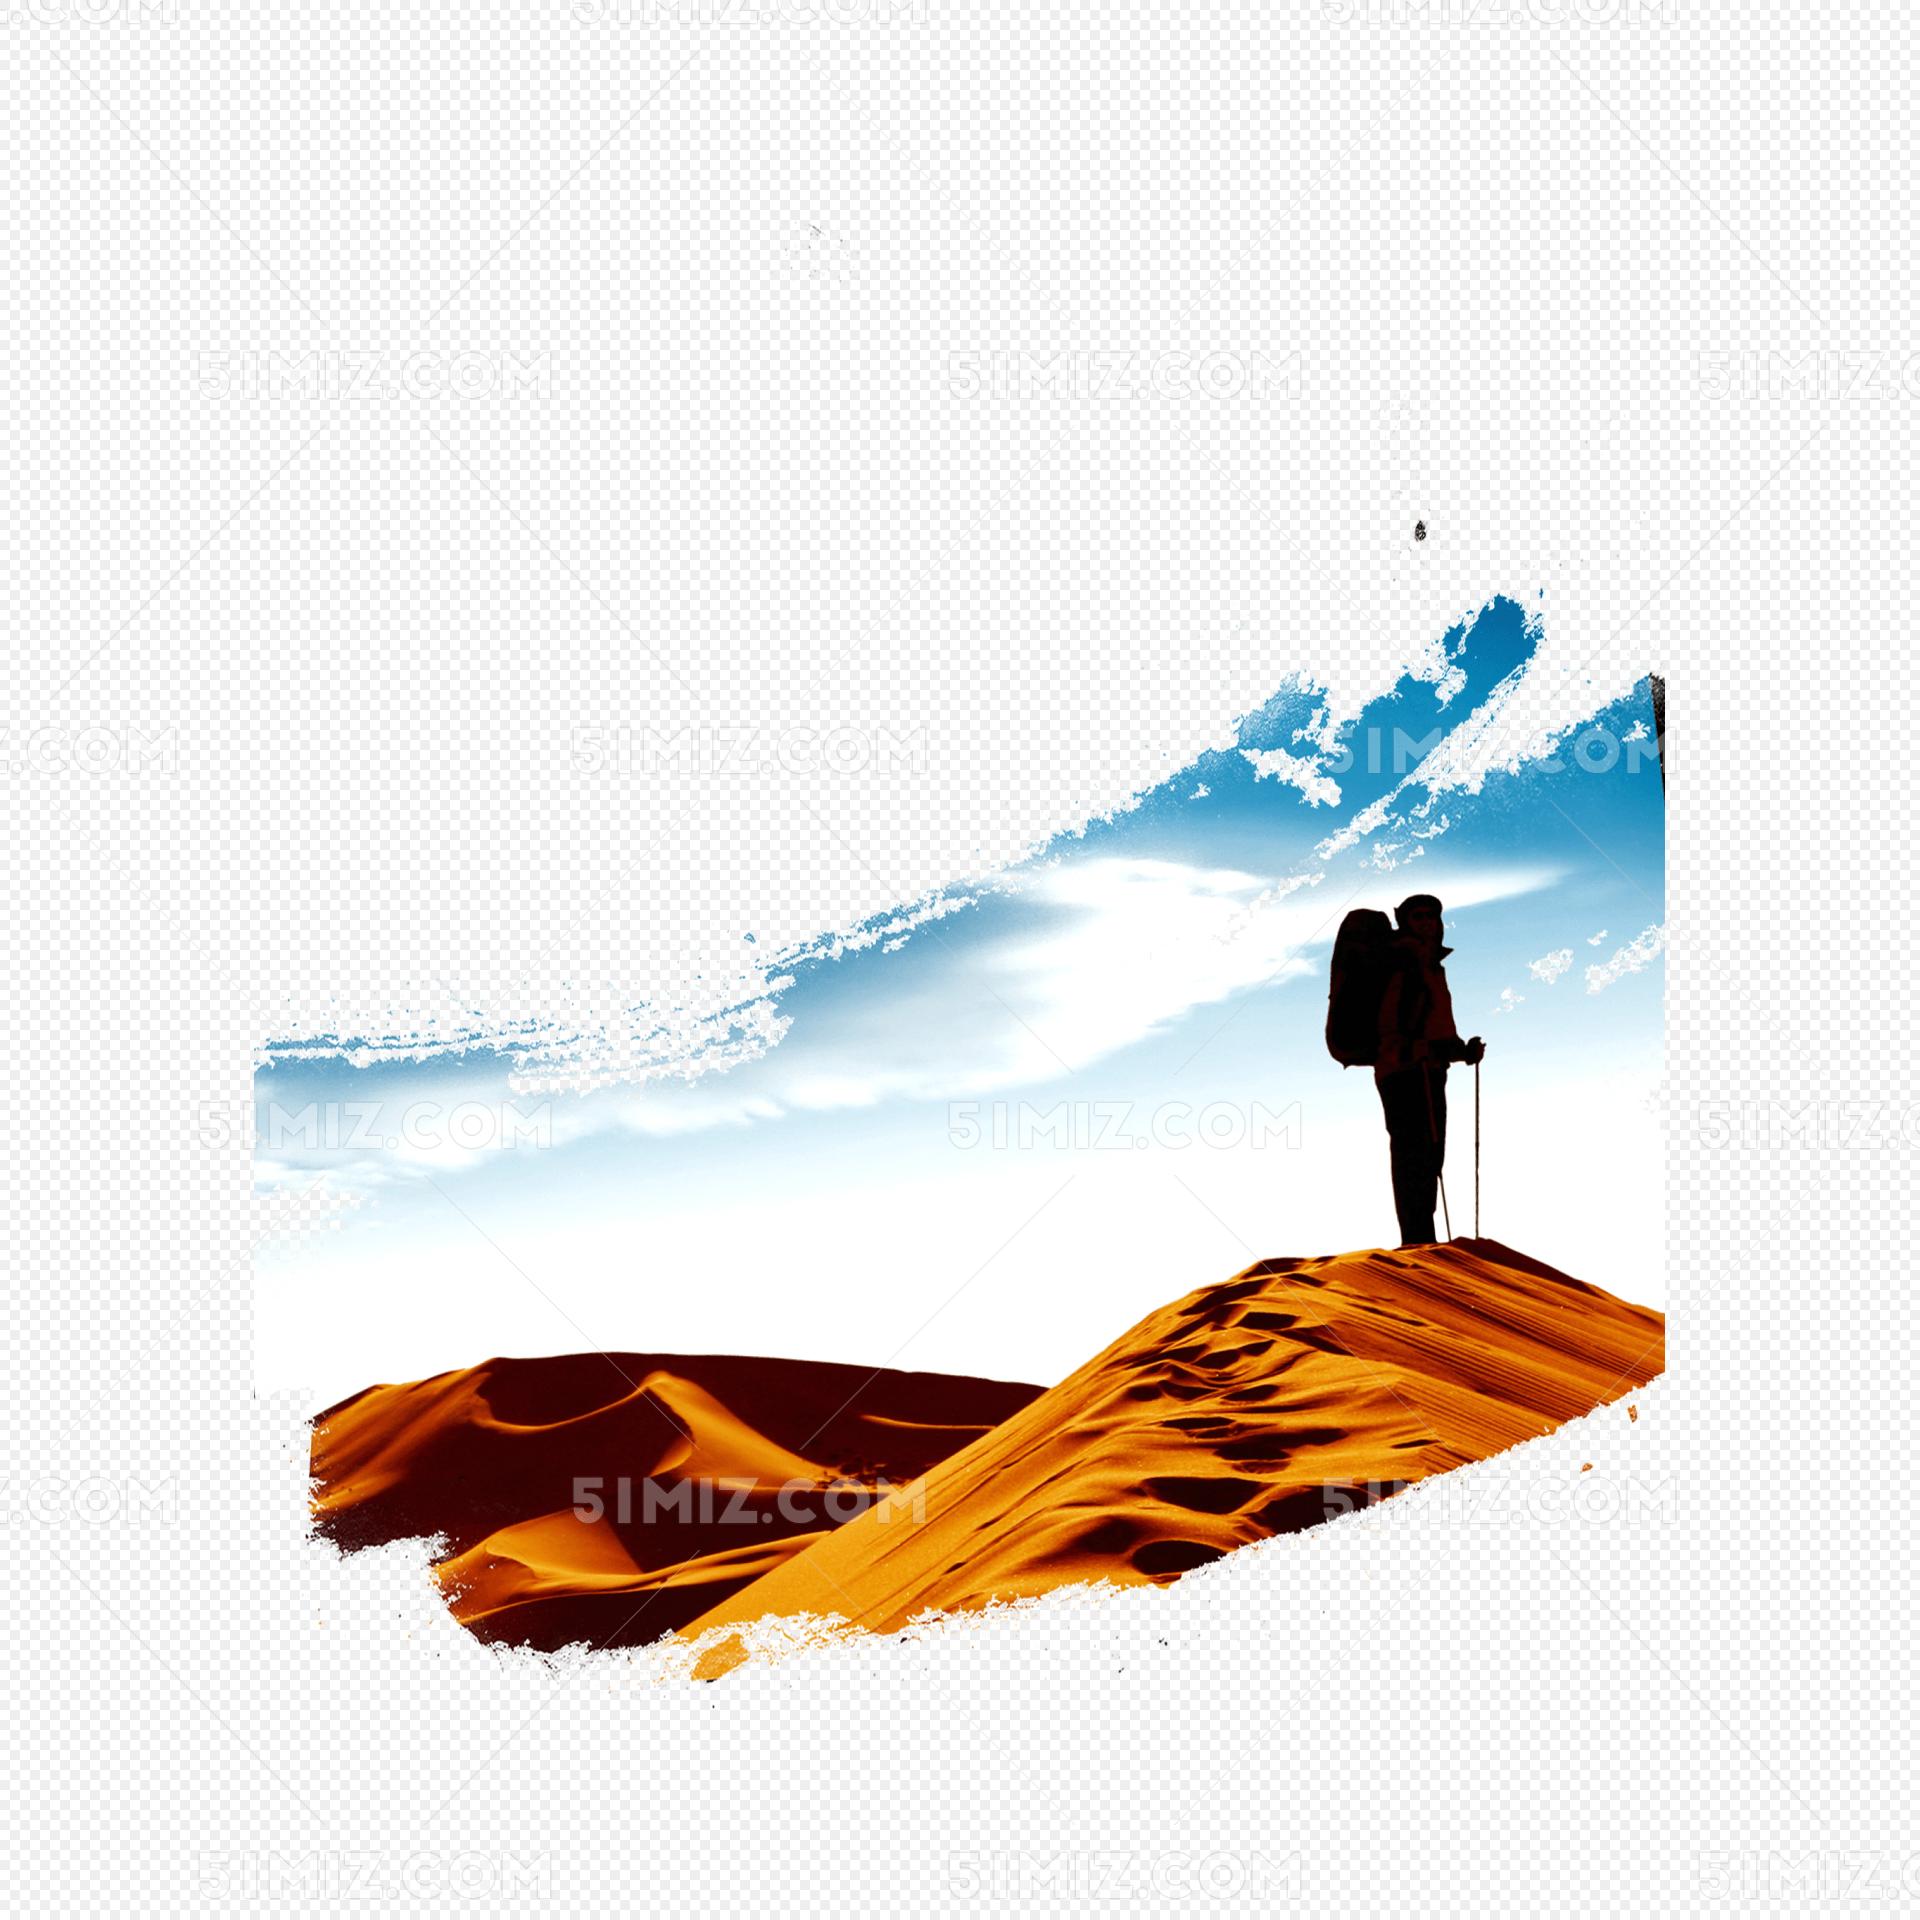 大气攀登高峰企业文化宣传海报图片素材免费下载_觅